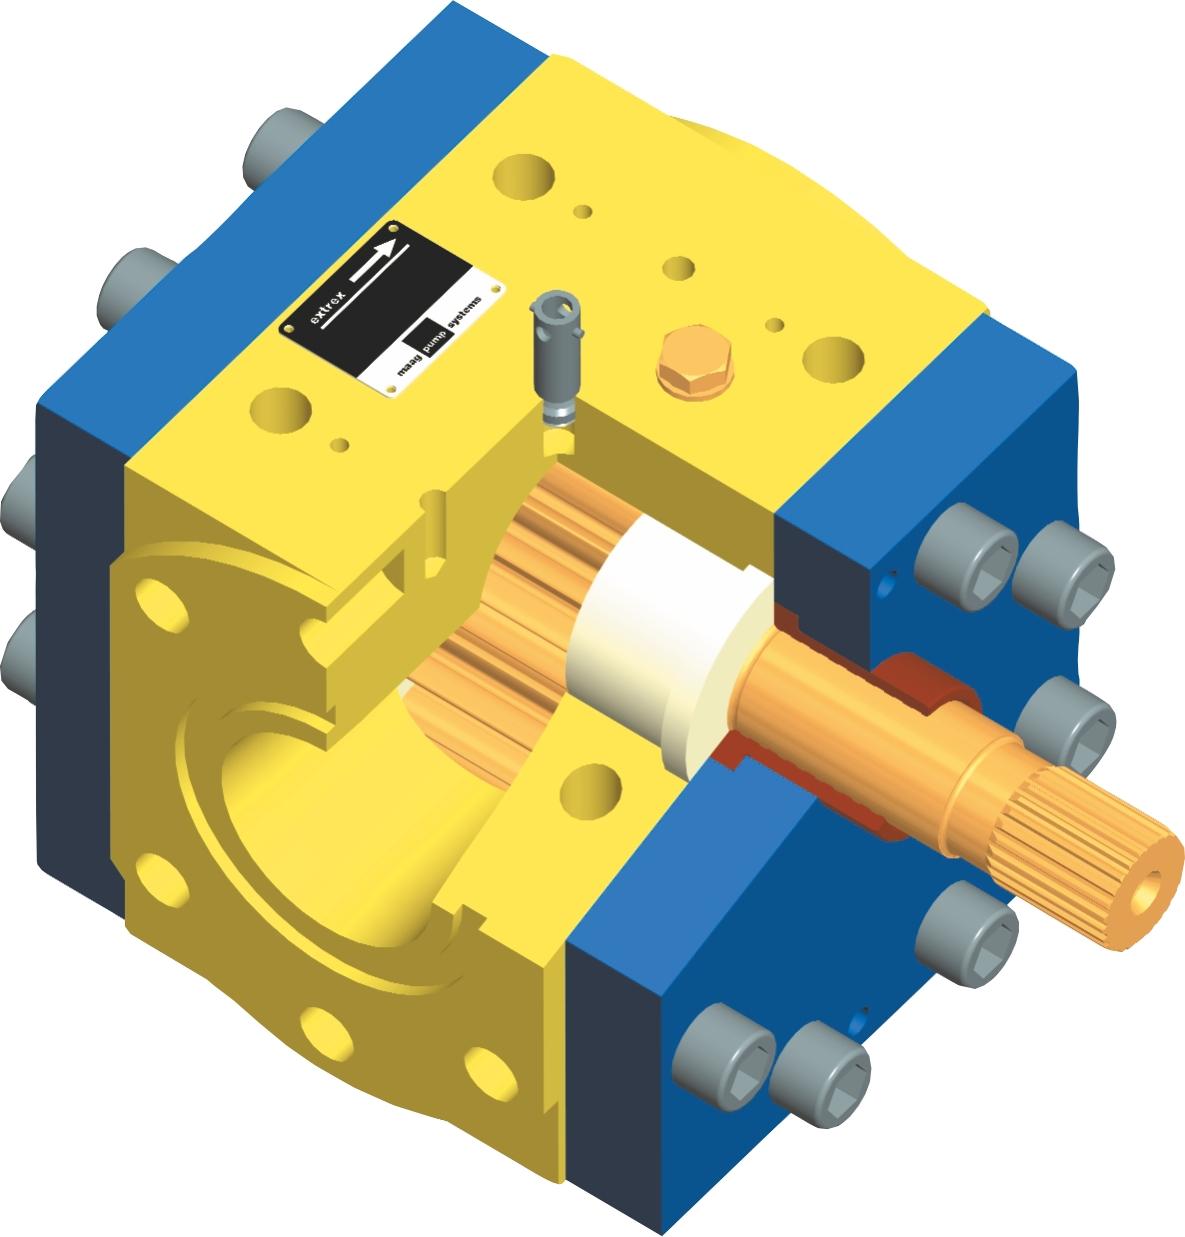 På billederne nedenfor ses anvendelseseksempler på gearpumpen.